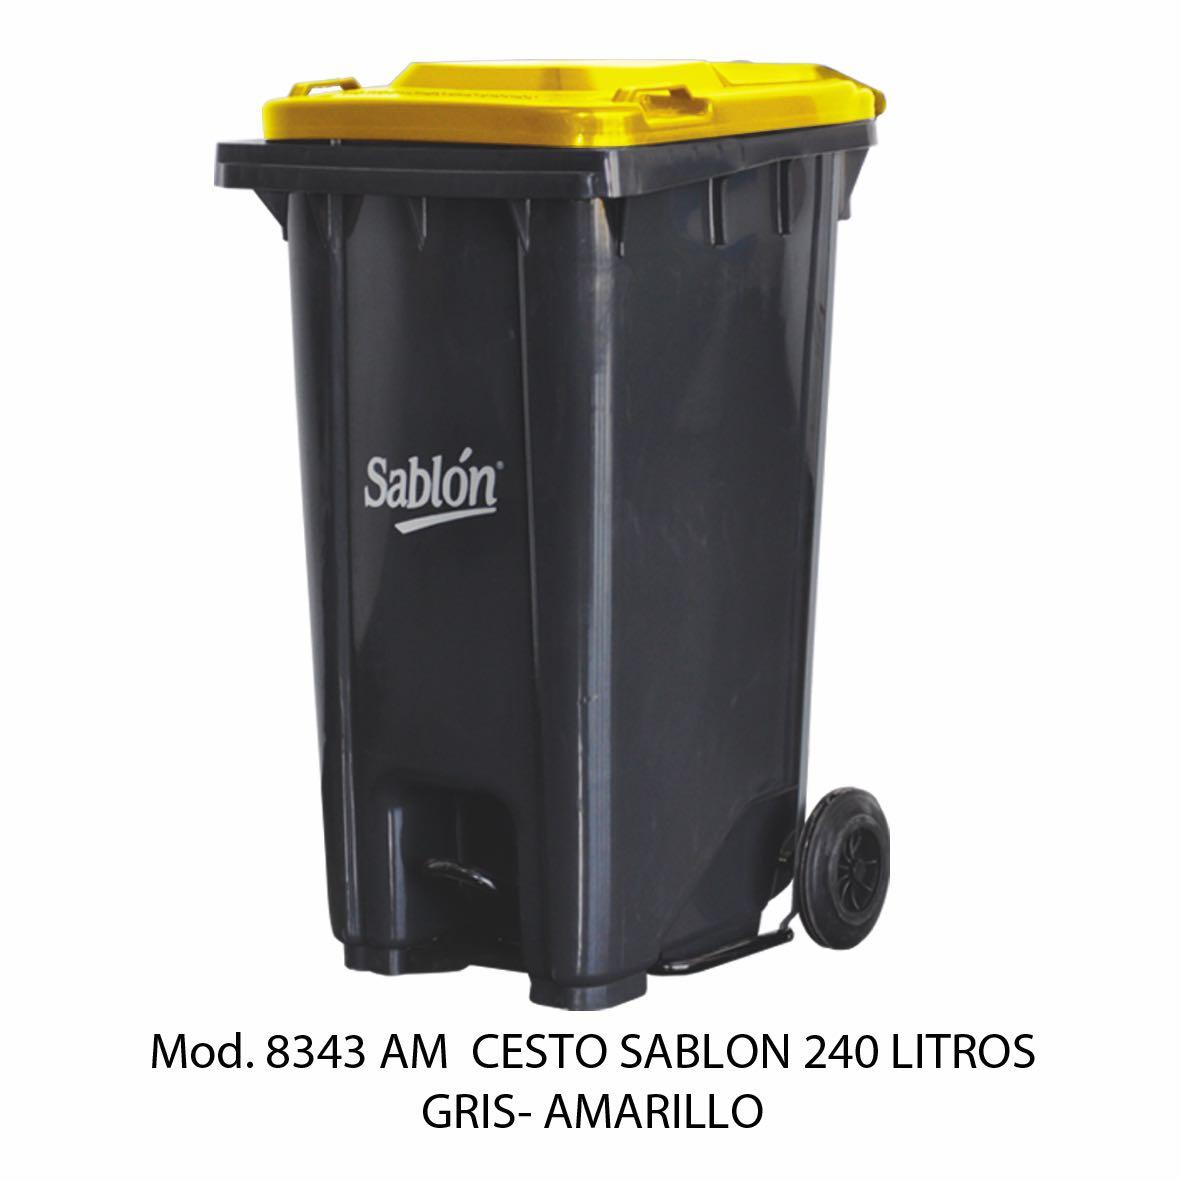 Contenedor de gran capacidad con cuerpo gris y tapa amarilla - Modelo 8343 AM - Sablón